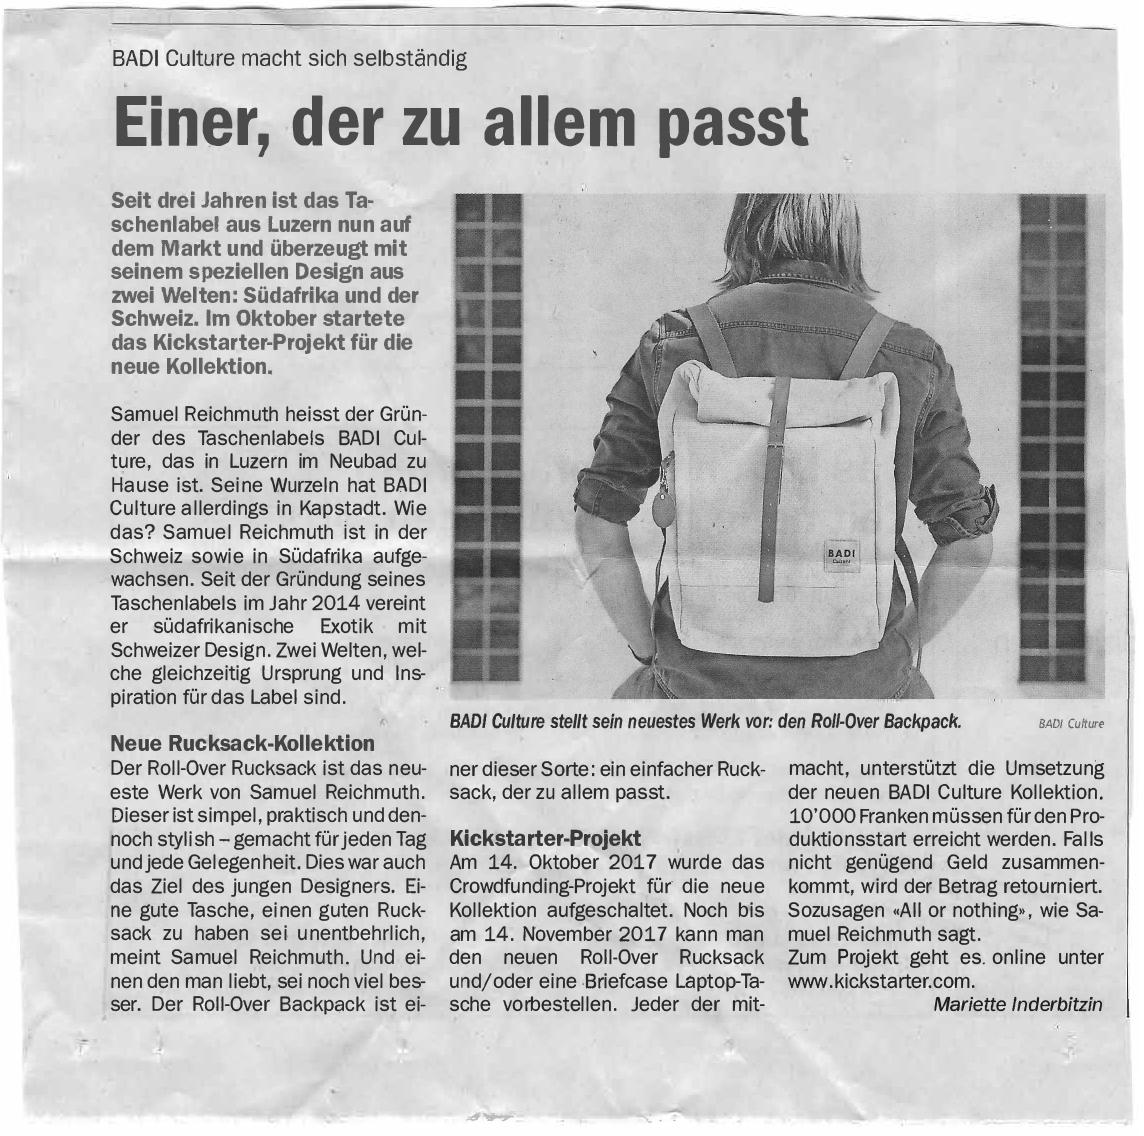 Luzerner-Rundschau_11-2017.jpg